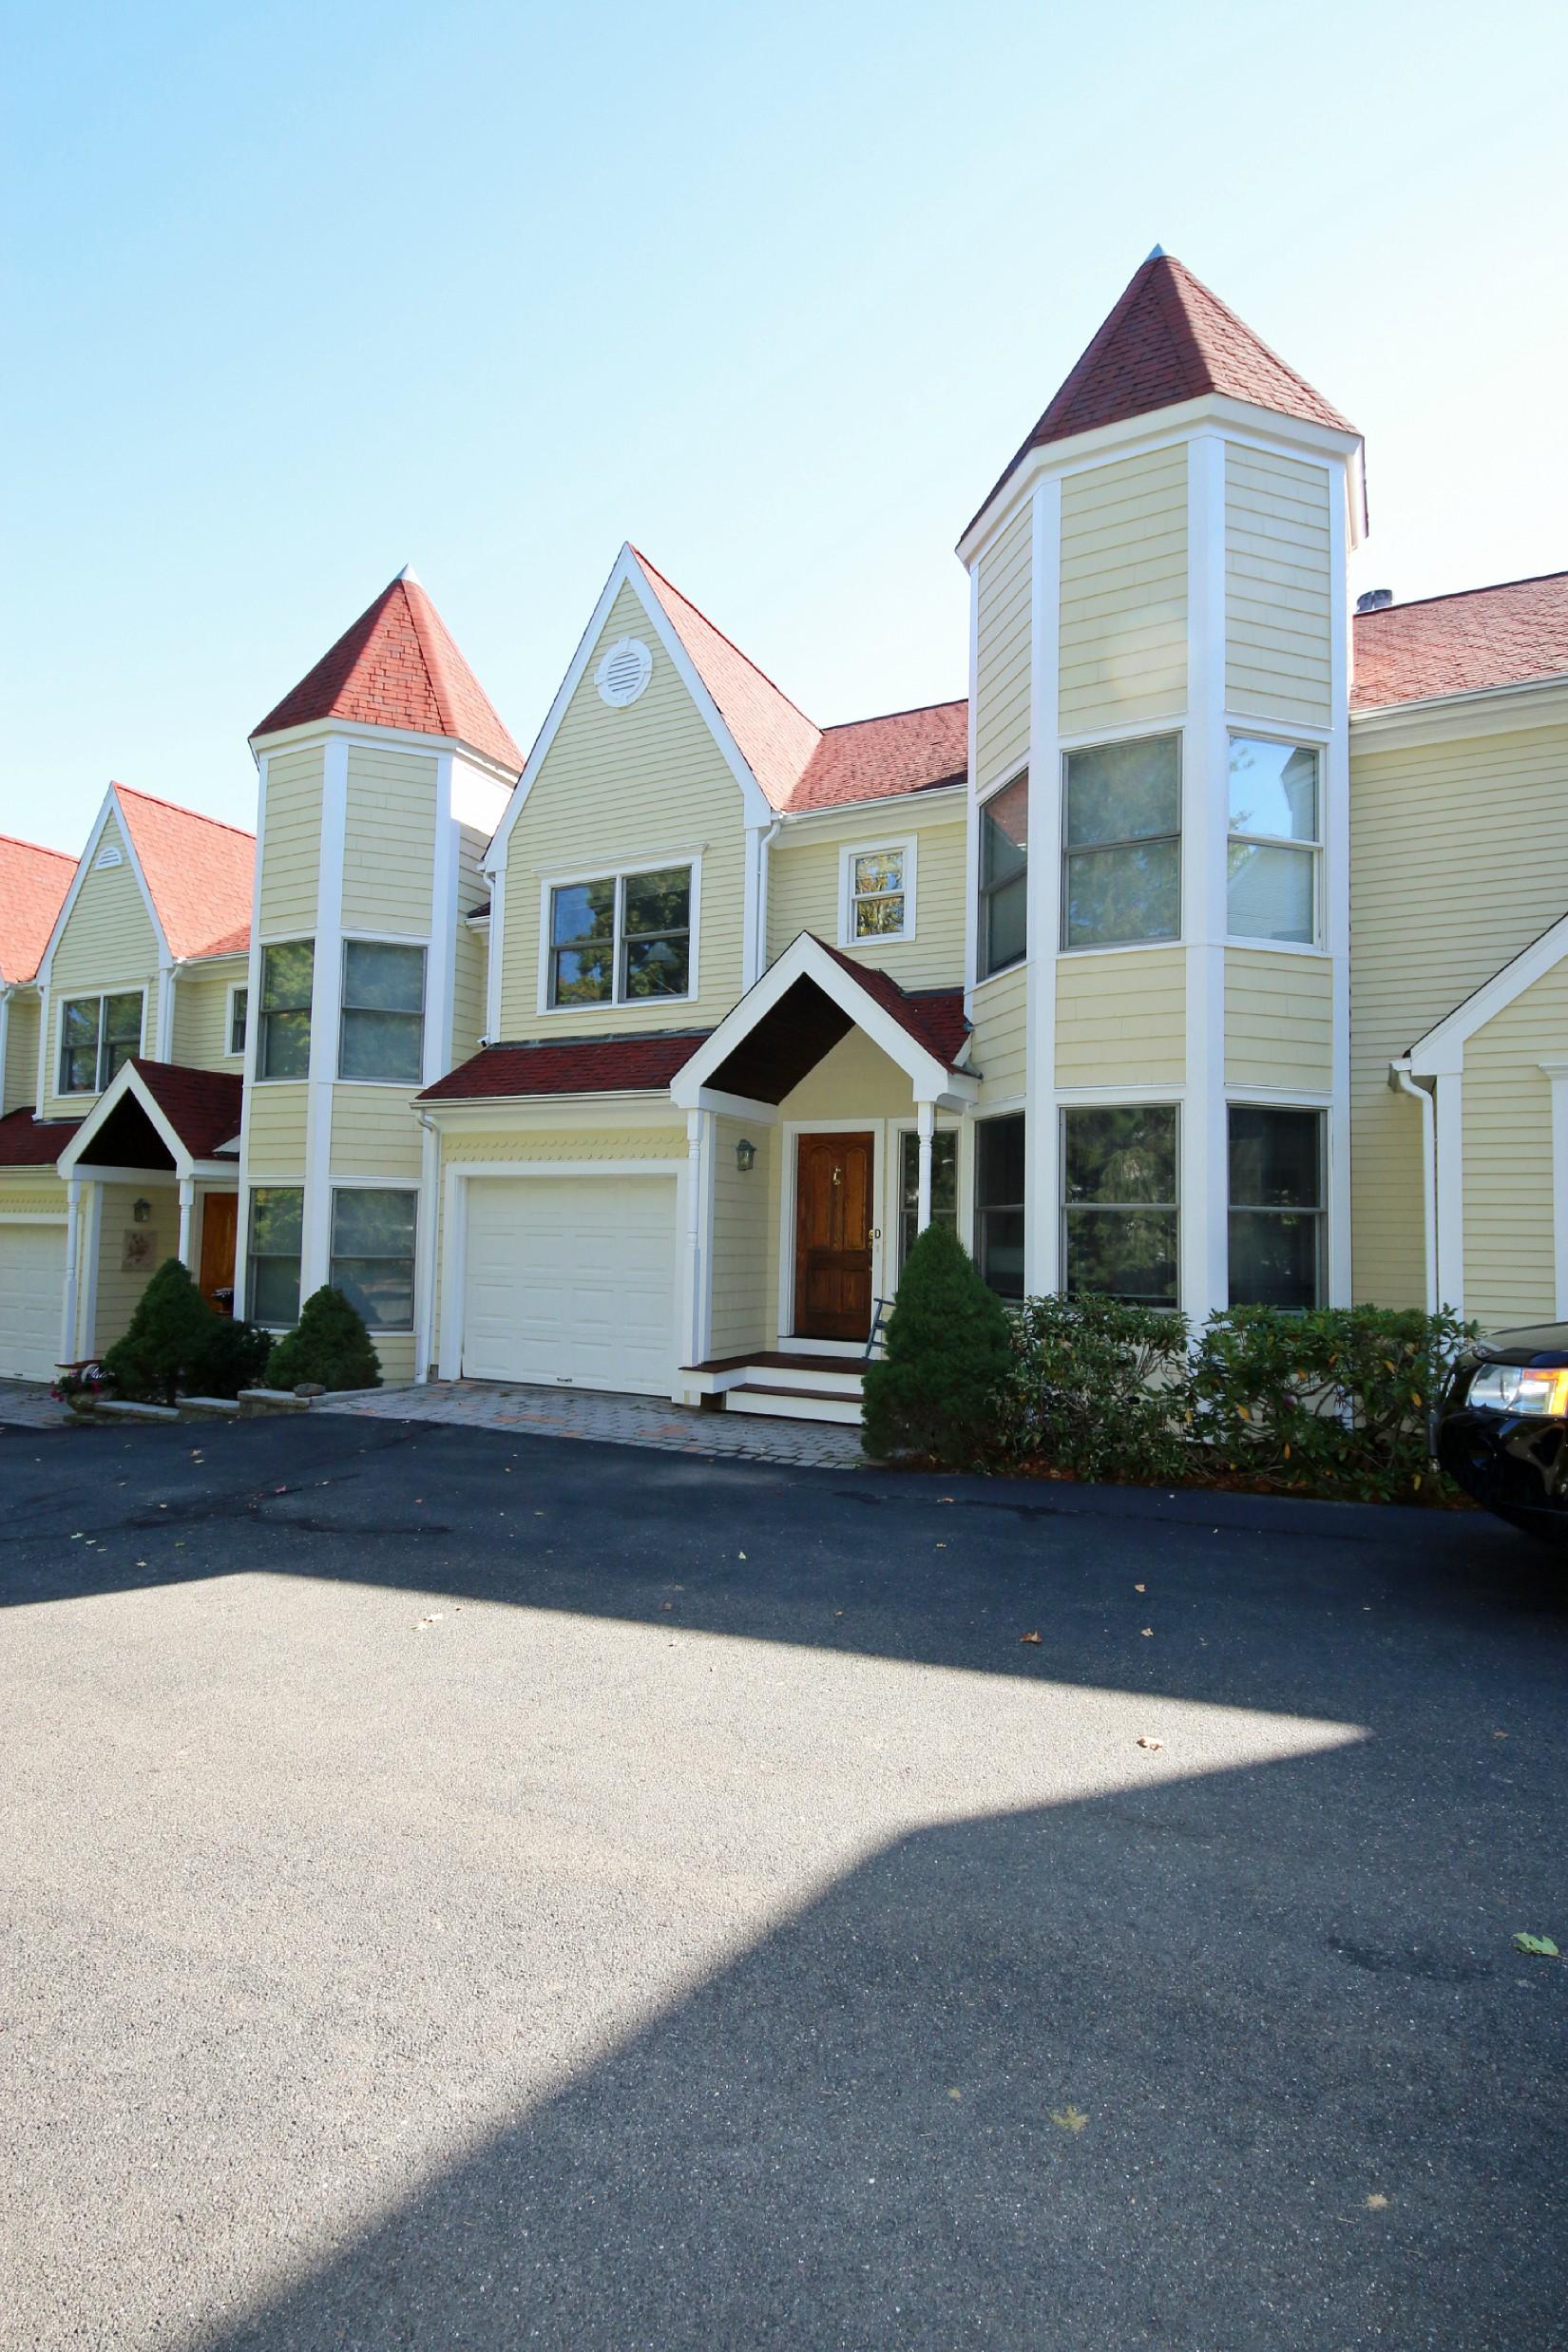 타운하우스 용 매매 에 Best of In-town Living 59 Prospect Street D Ridgefield, 코네티컷, 06877 미국